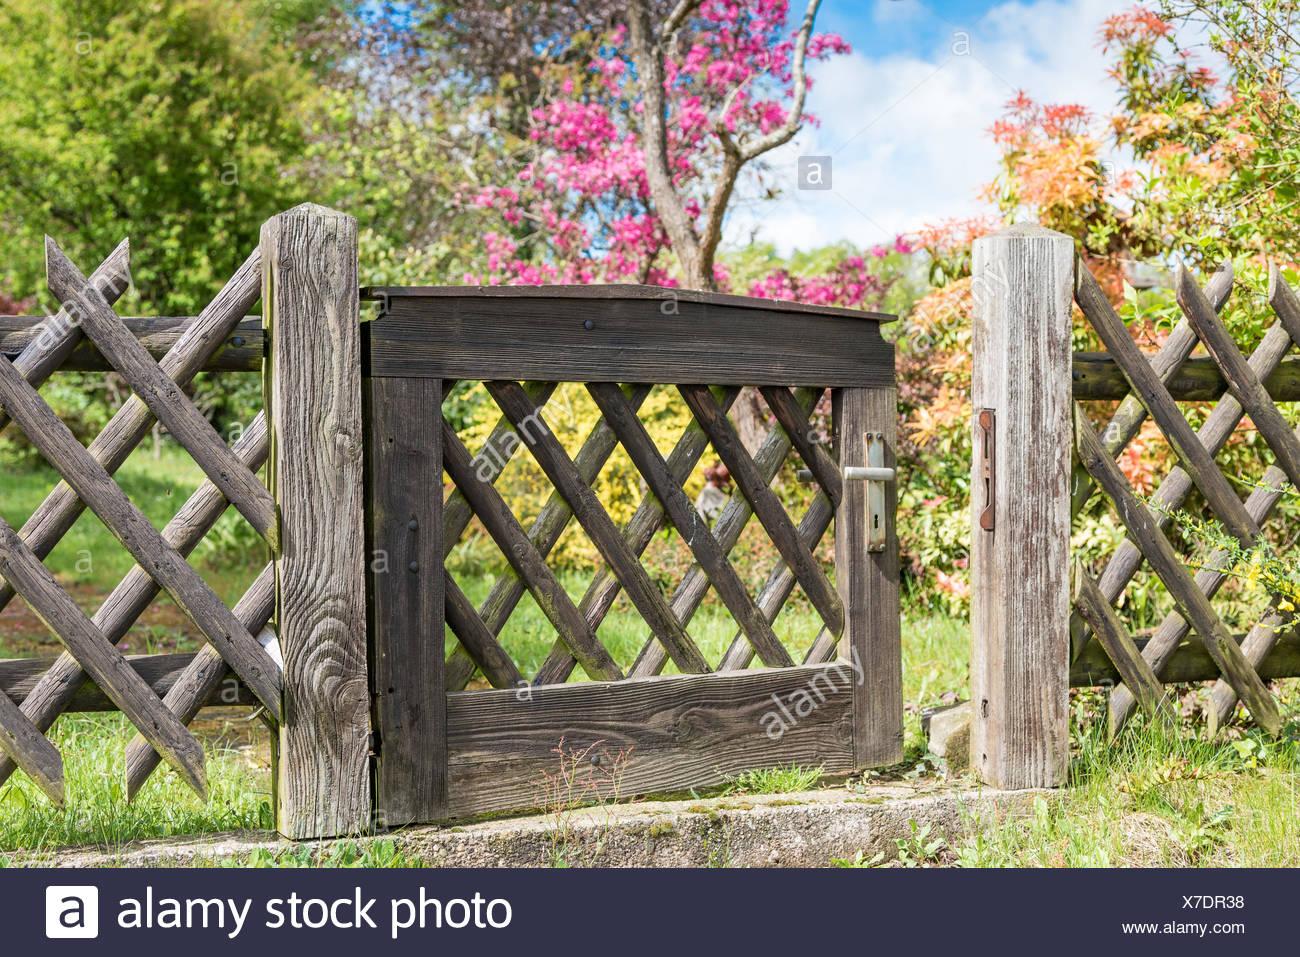 Cancello Di Legno In Un Giardino Foto Immagine Stock 279971980